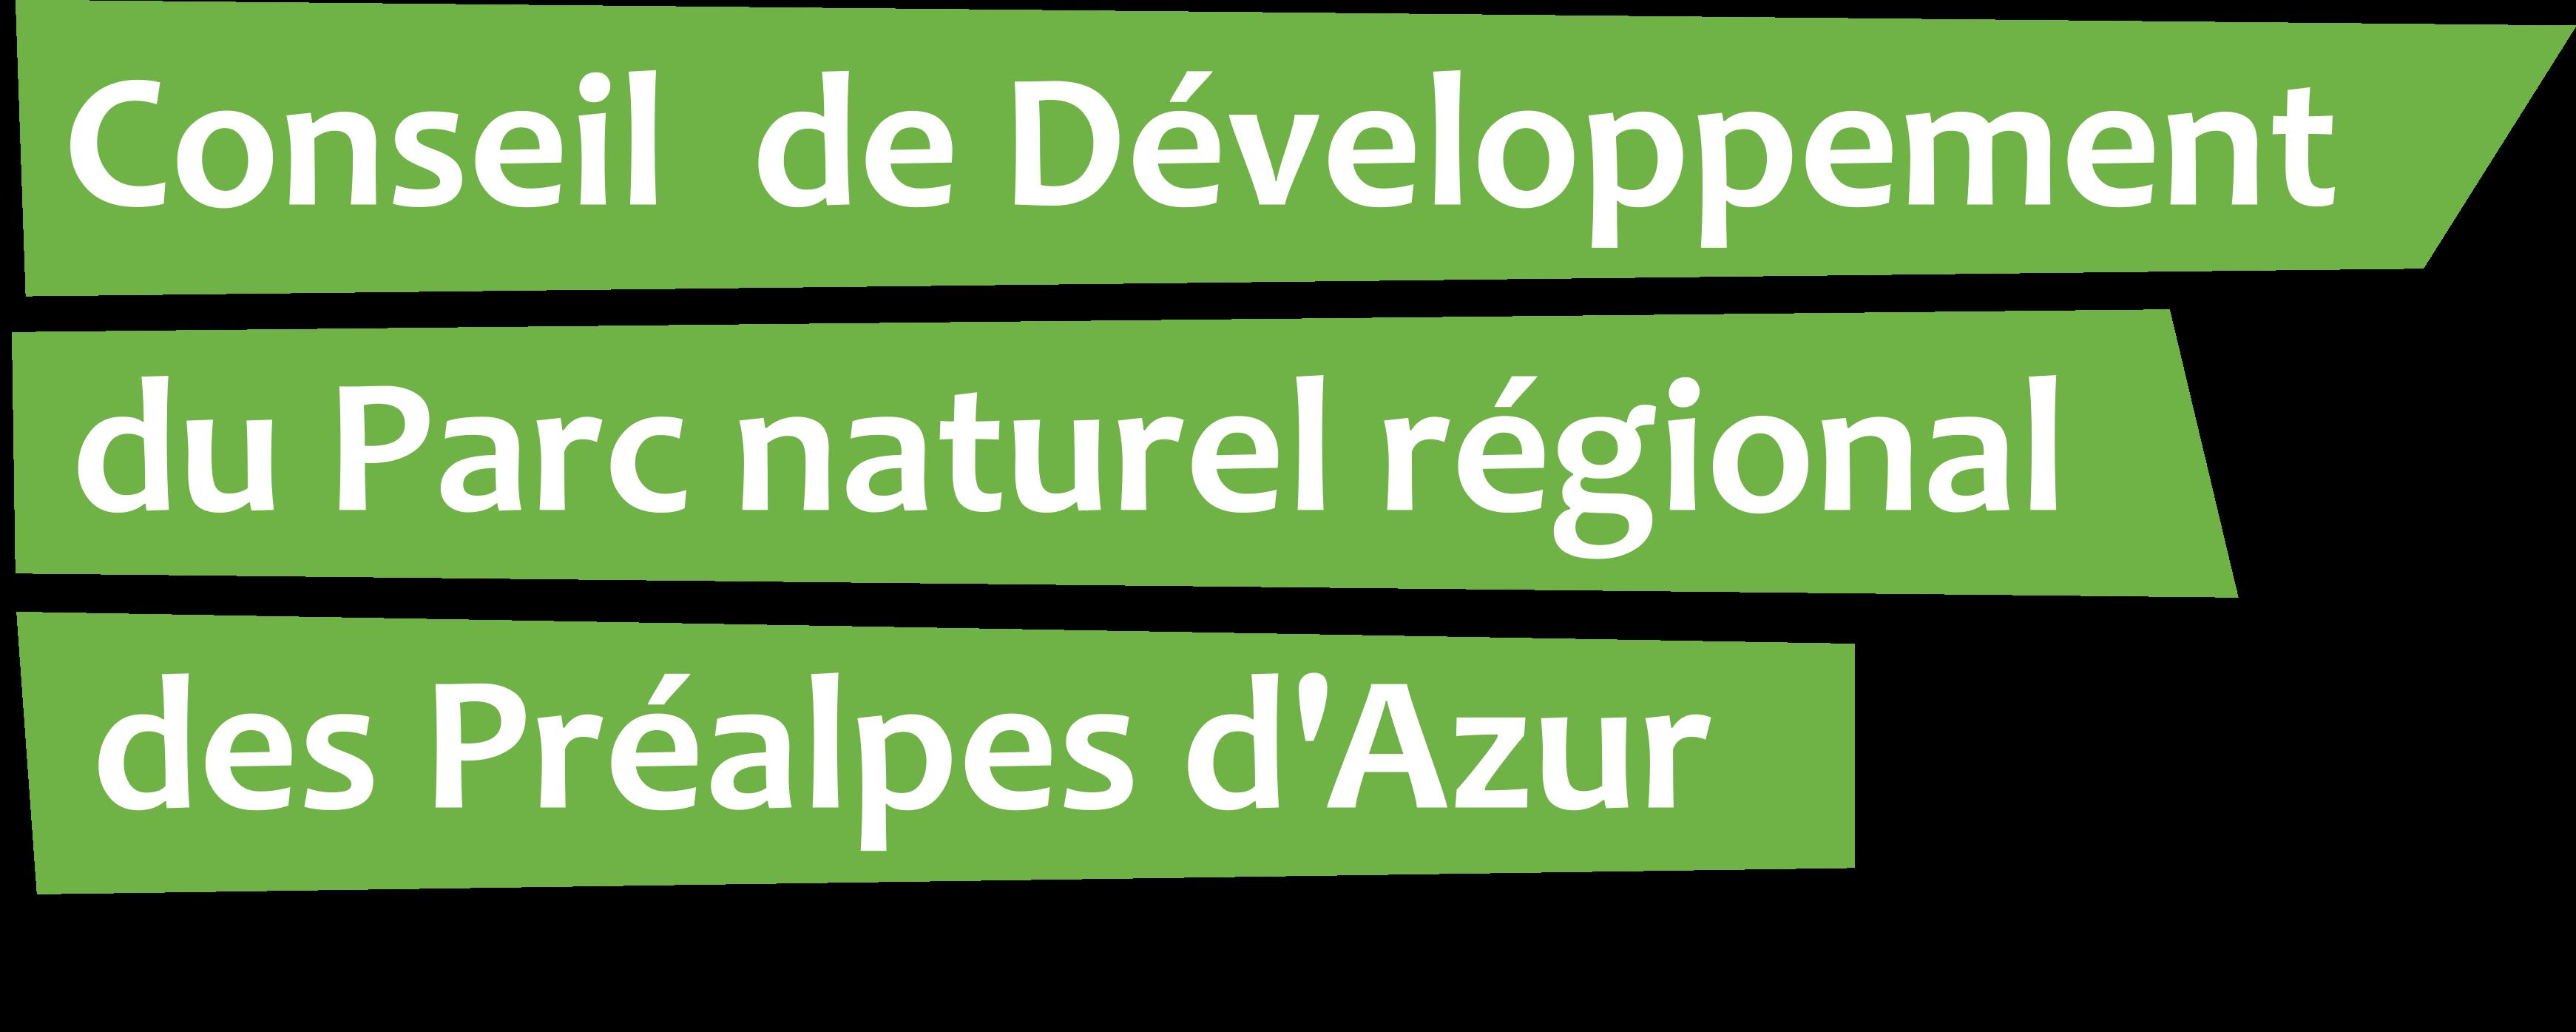 Conseil de Développement du Parc naturel régional des Préalpes d'Azur